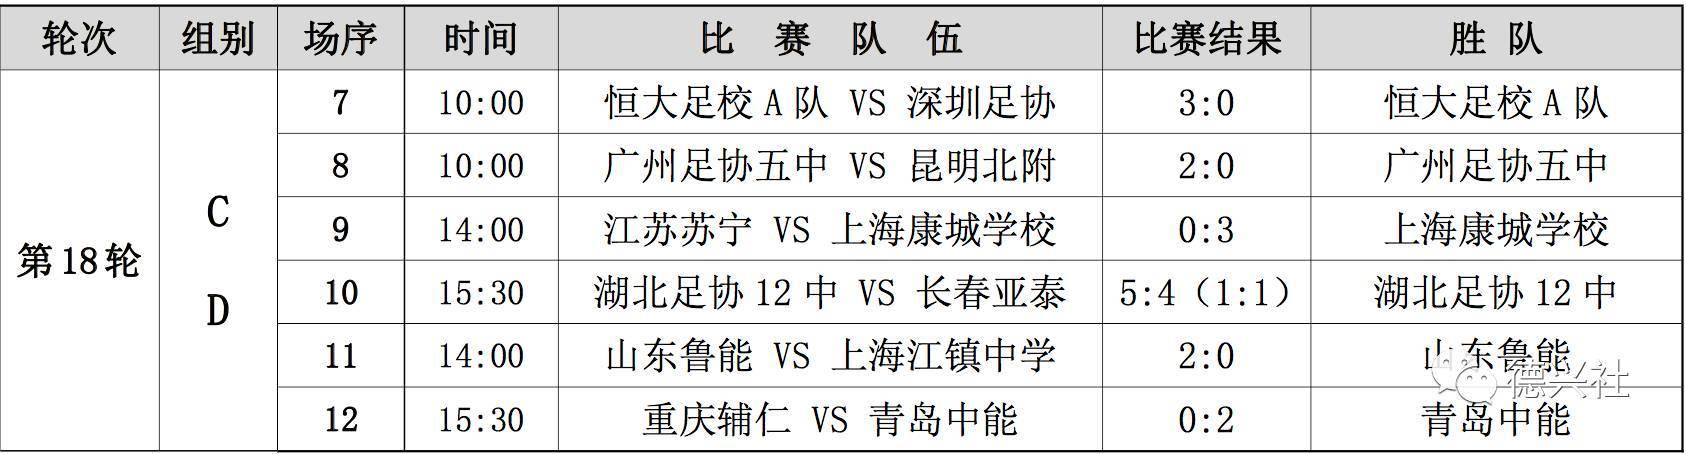 《奔跑吧》张韶涵、韩雪那期为何一拖再拖?节目组给出三个理由